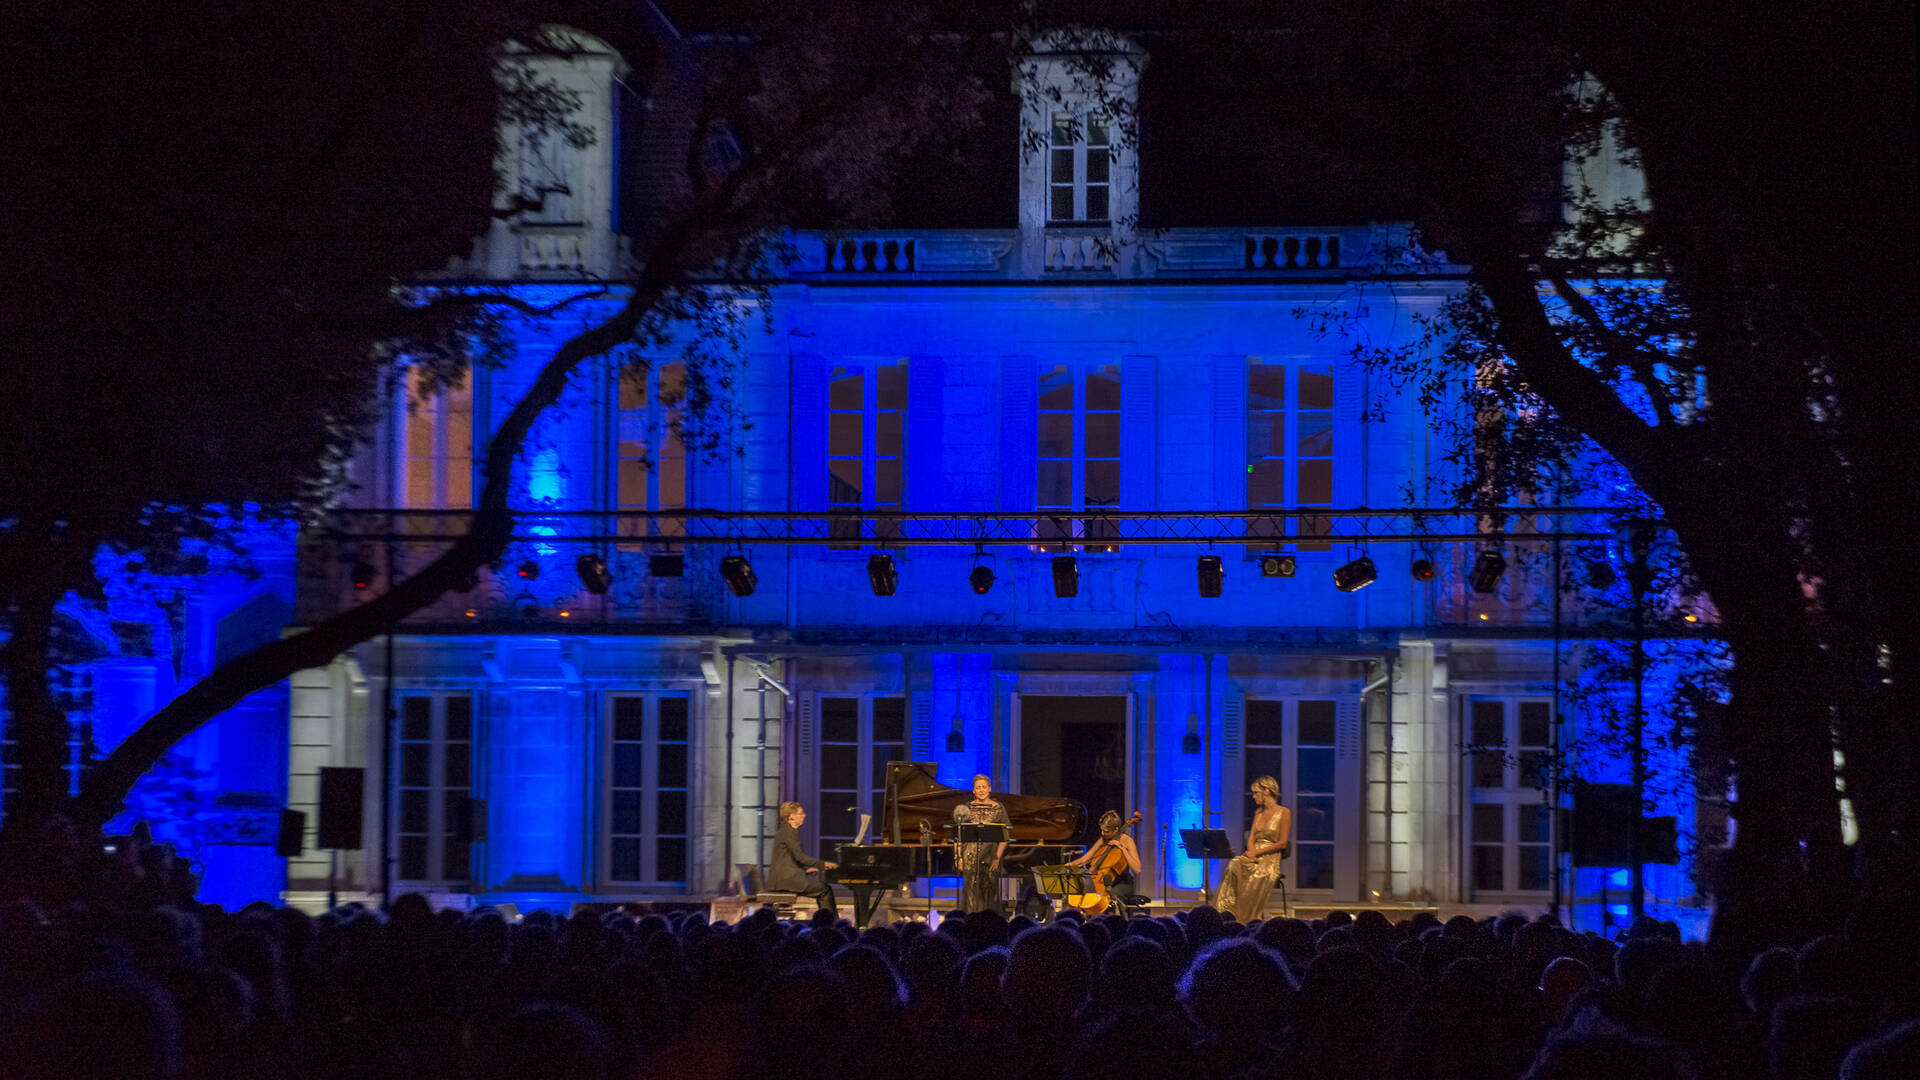 Festival de musique classique, Symphonie d'été, Fouras-les-Bains, Rochefort Océan